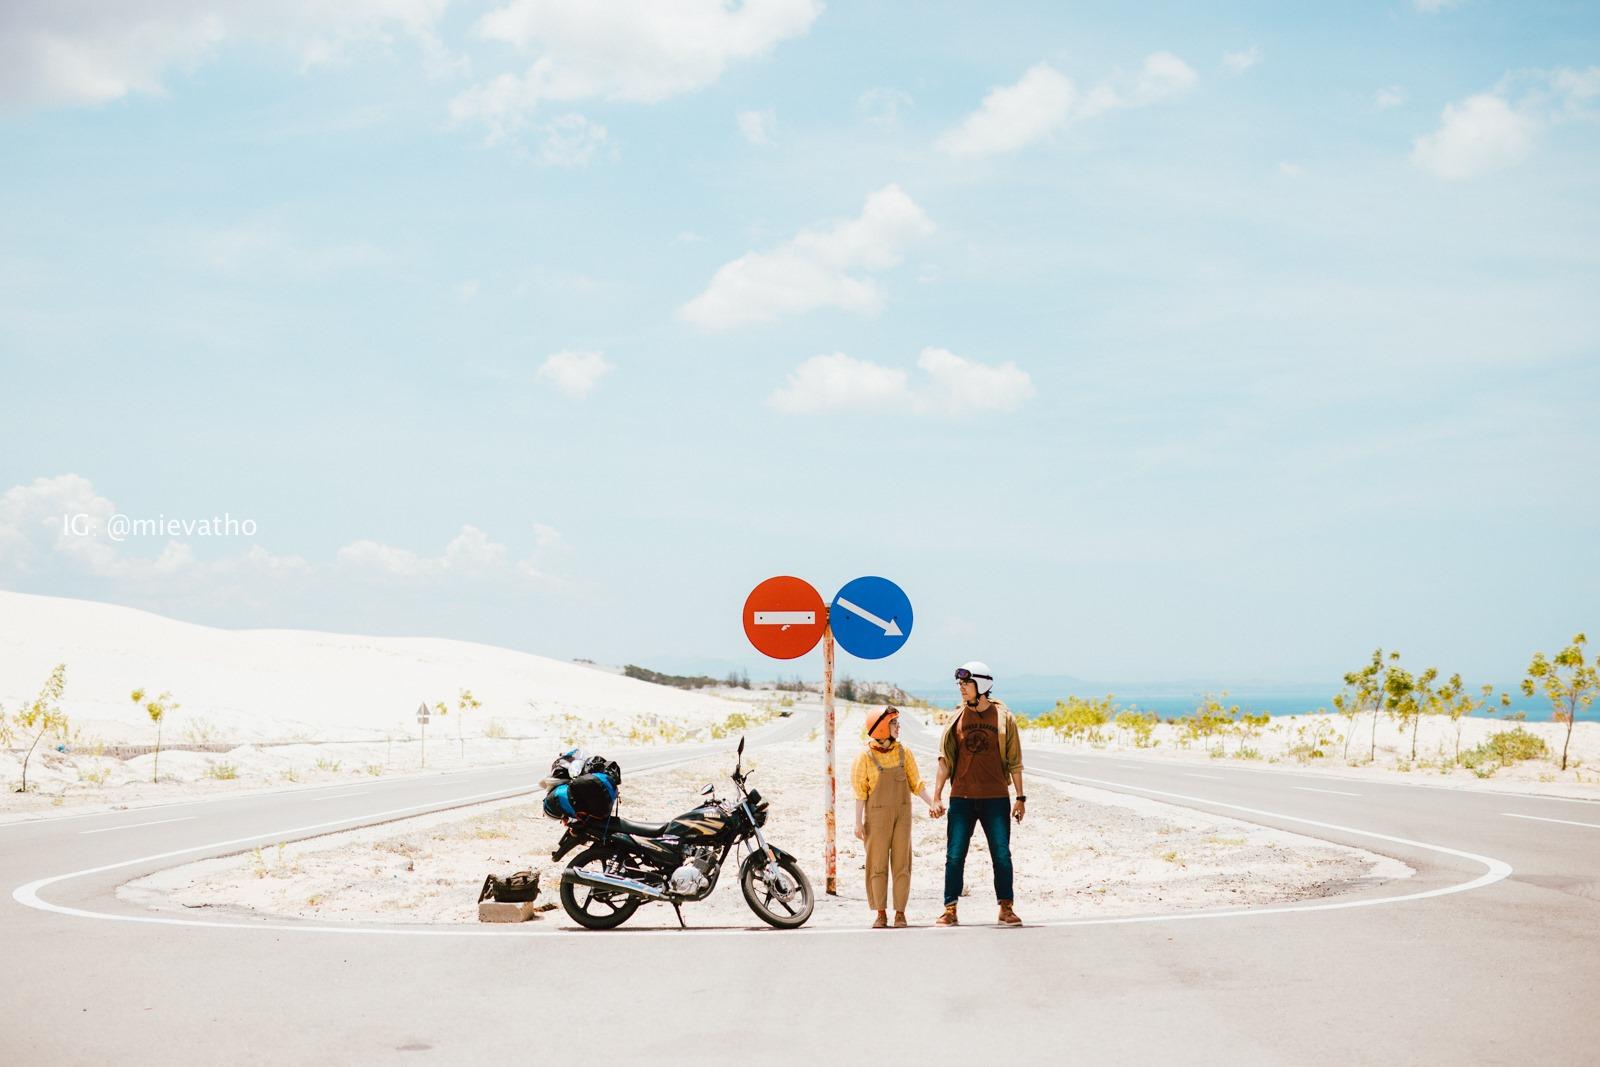 """Đến Bàu Trắng Bình Thuận, khám phá """"tiểu Sahara"""" ấn tượng của dải đất miền Trung  - Ảnh 1."""